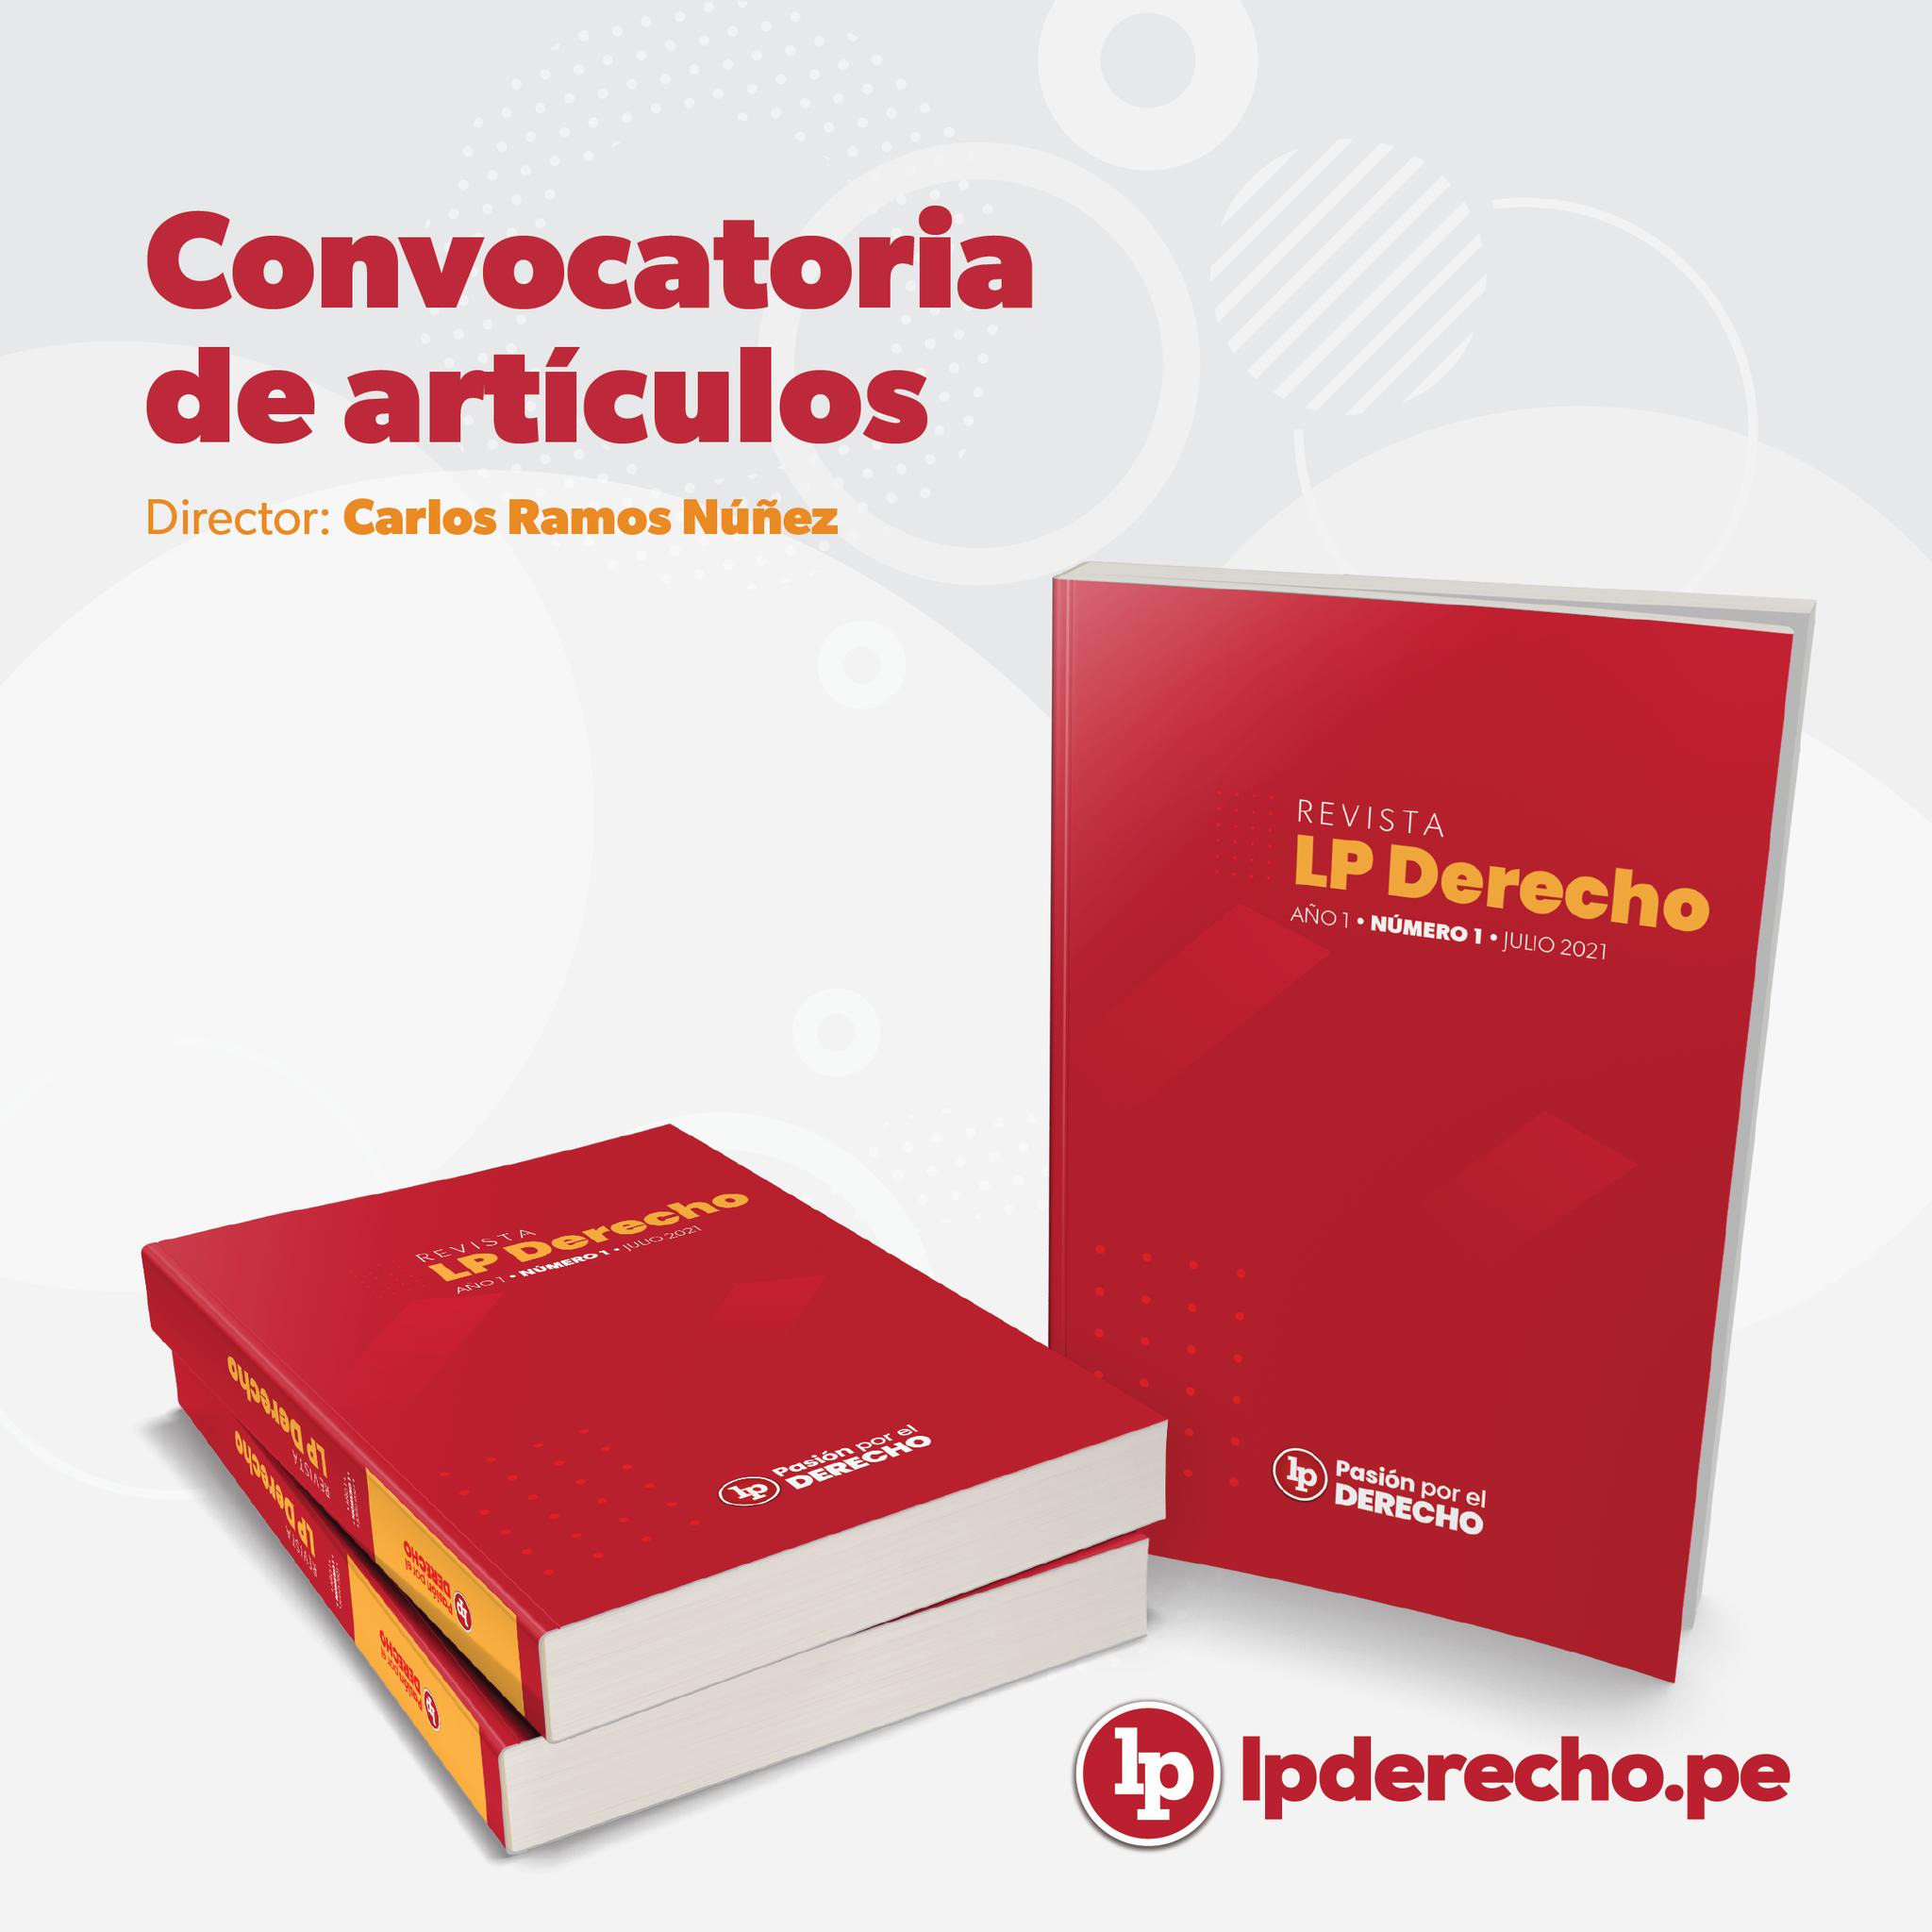 CONVOCATORIO DE ARTÍCULOS LP